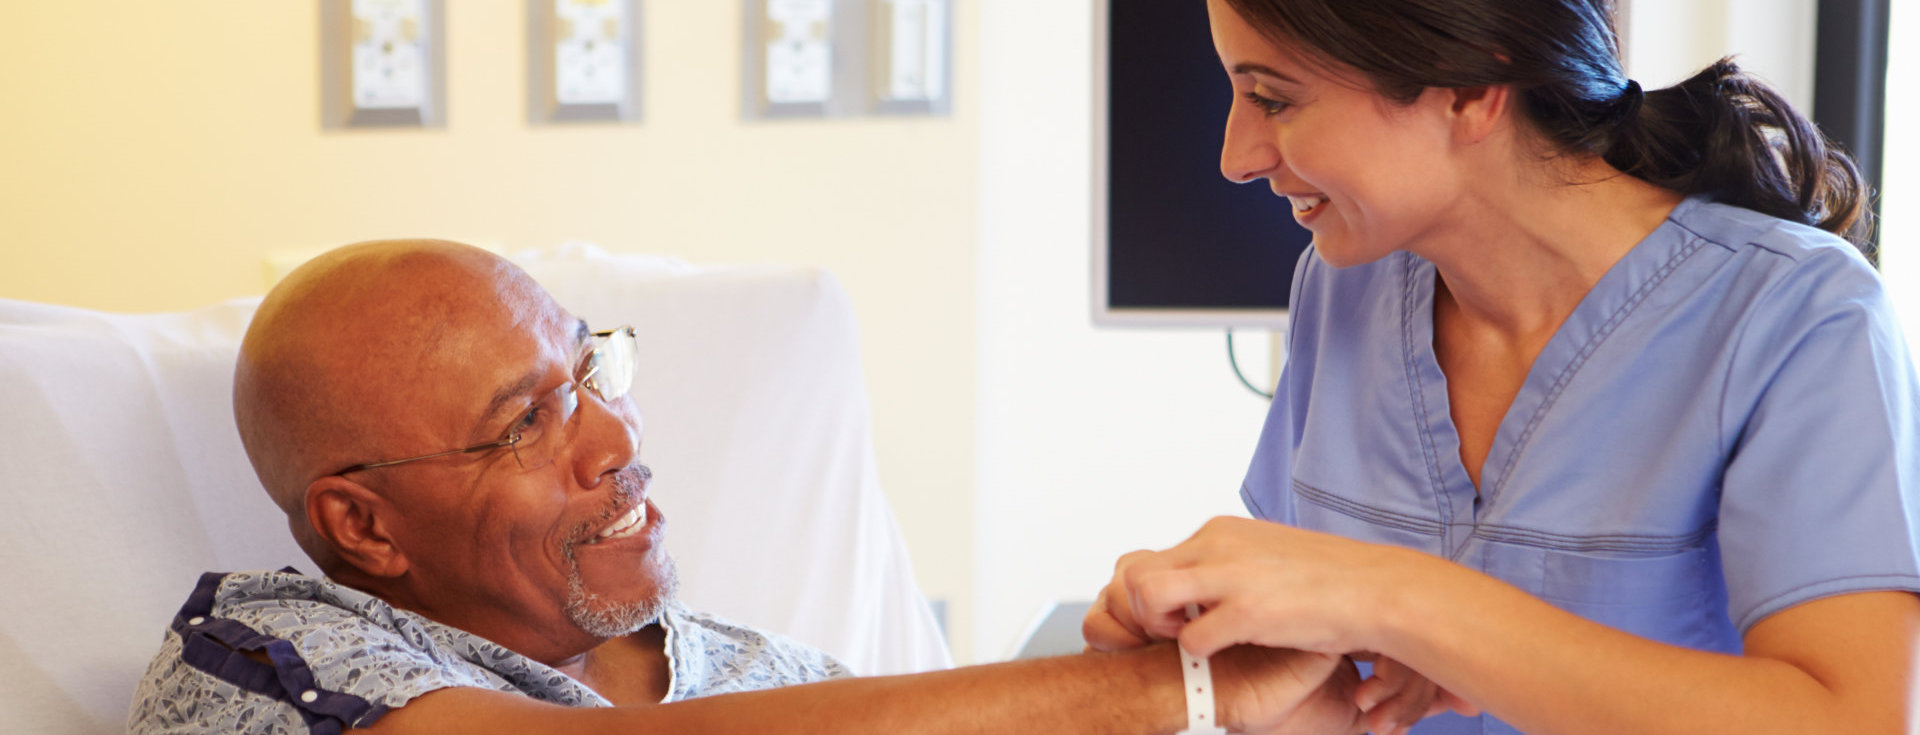 nurse taking care of man